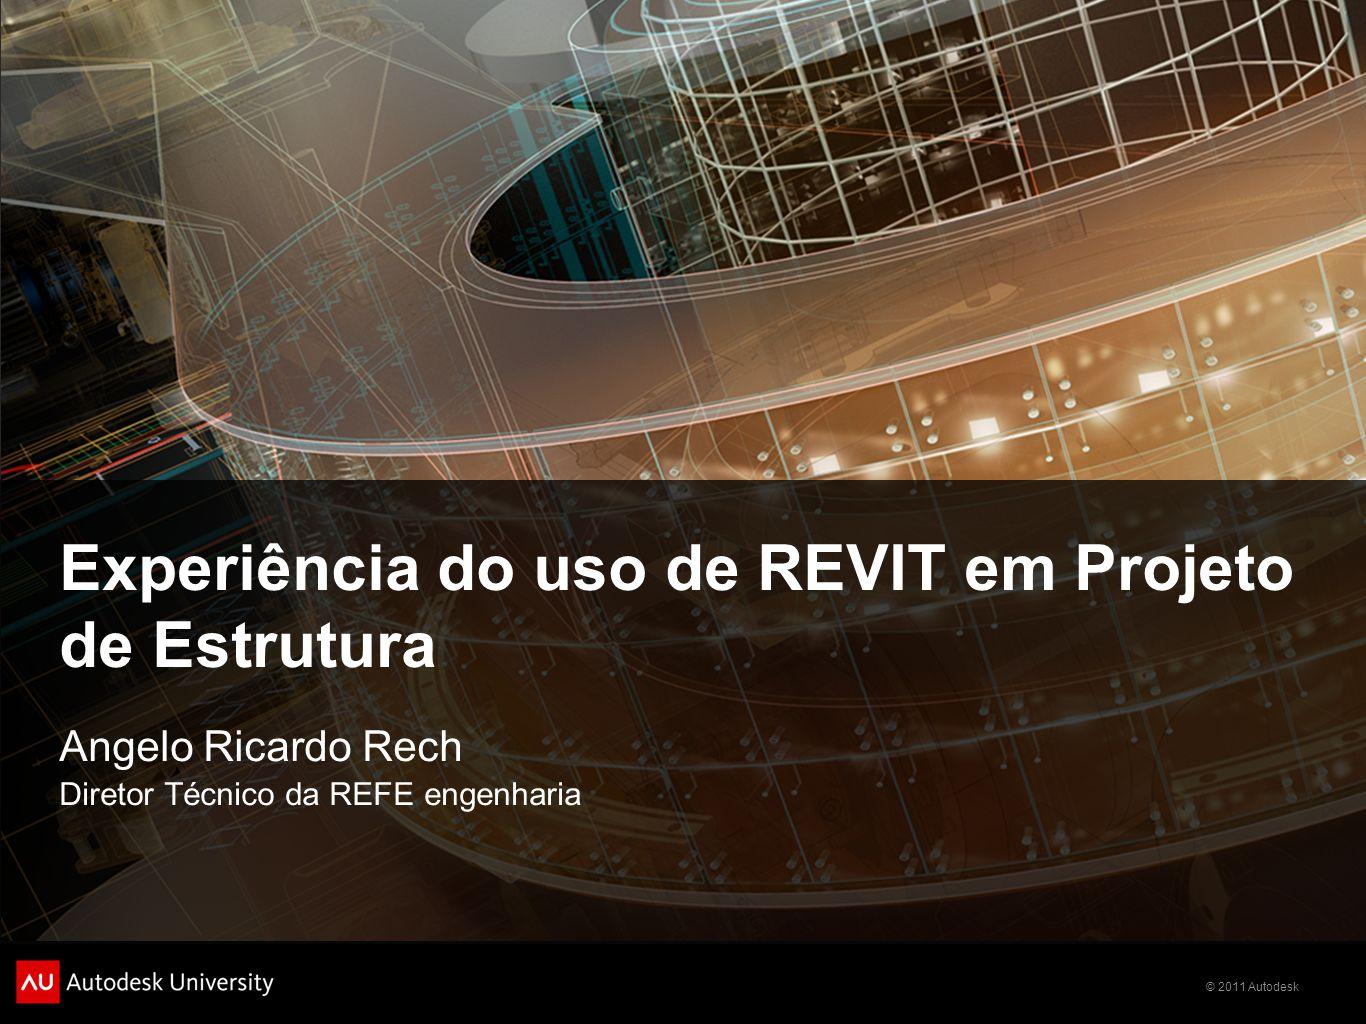 Experiência do uso de REVIT em Projeto de Estrutura